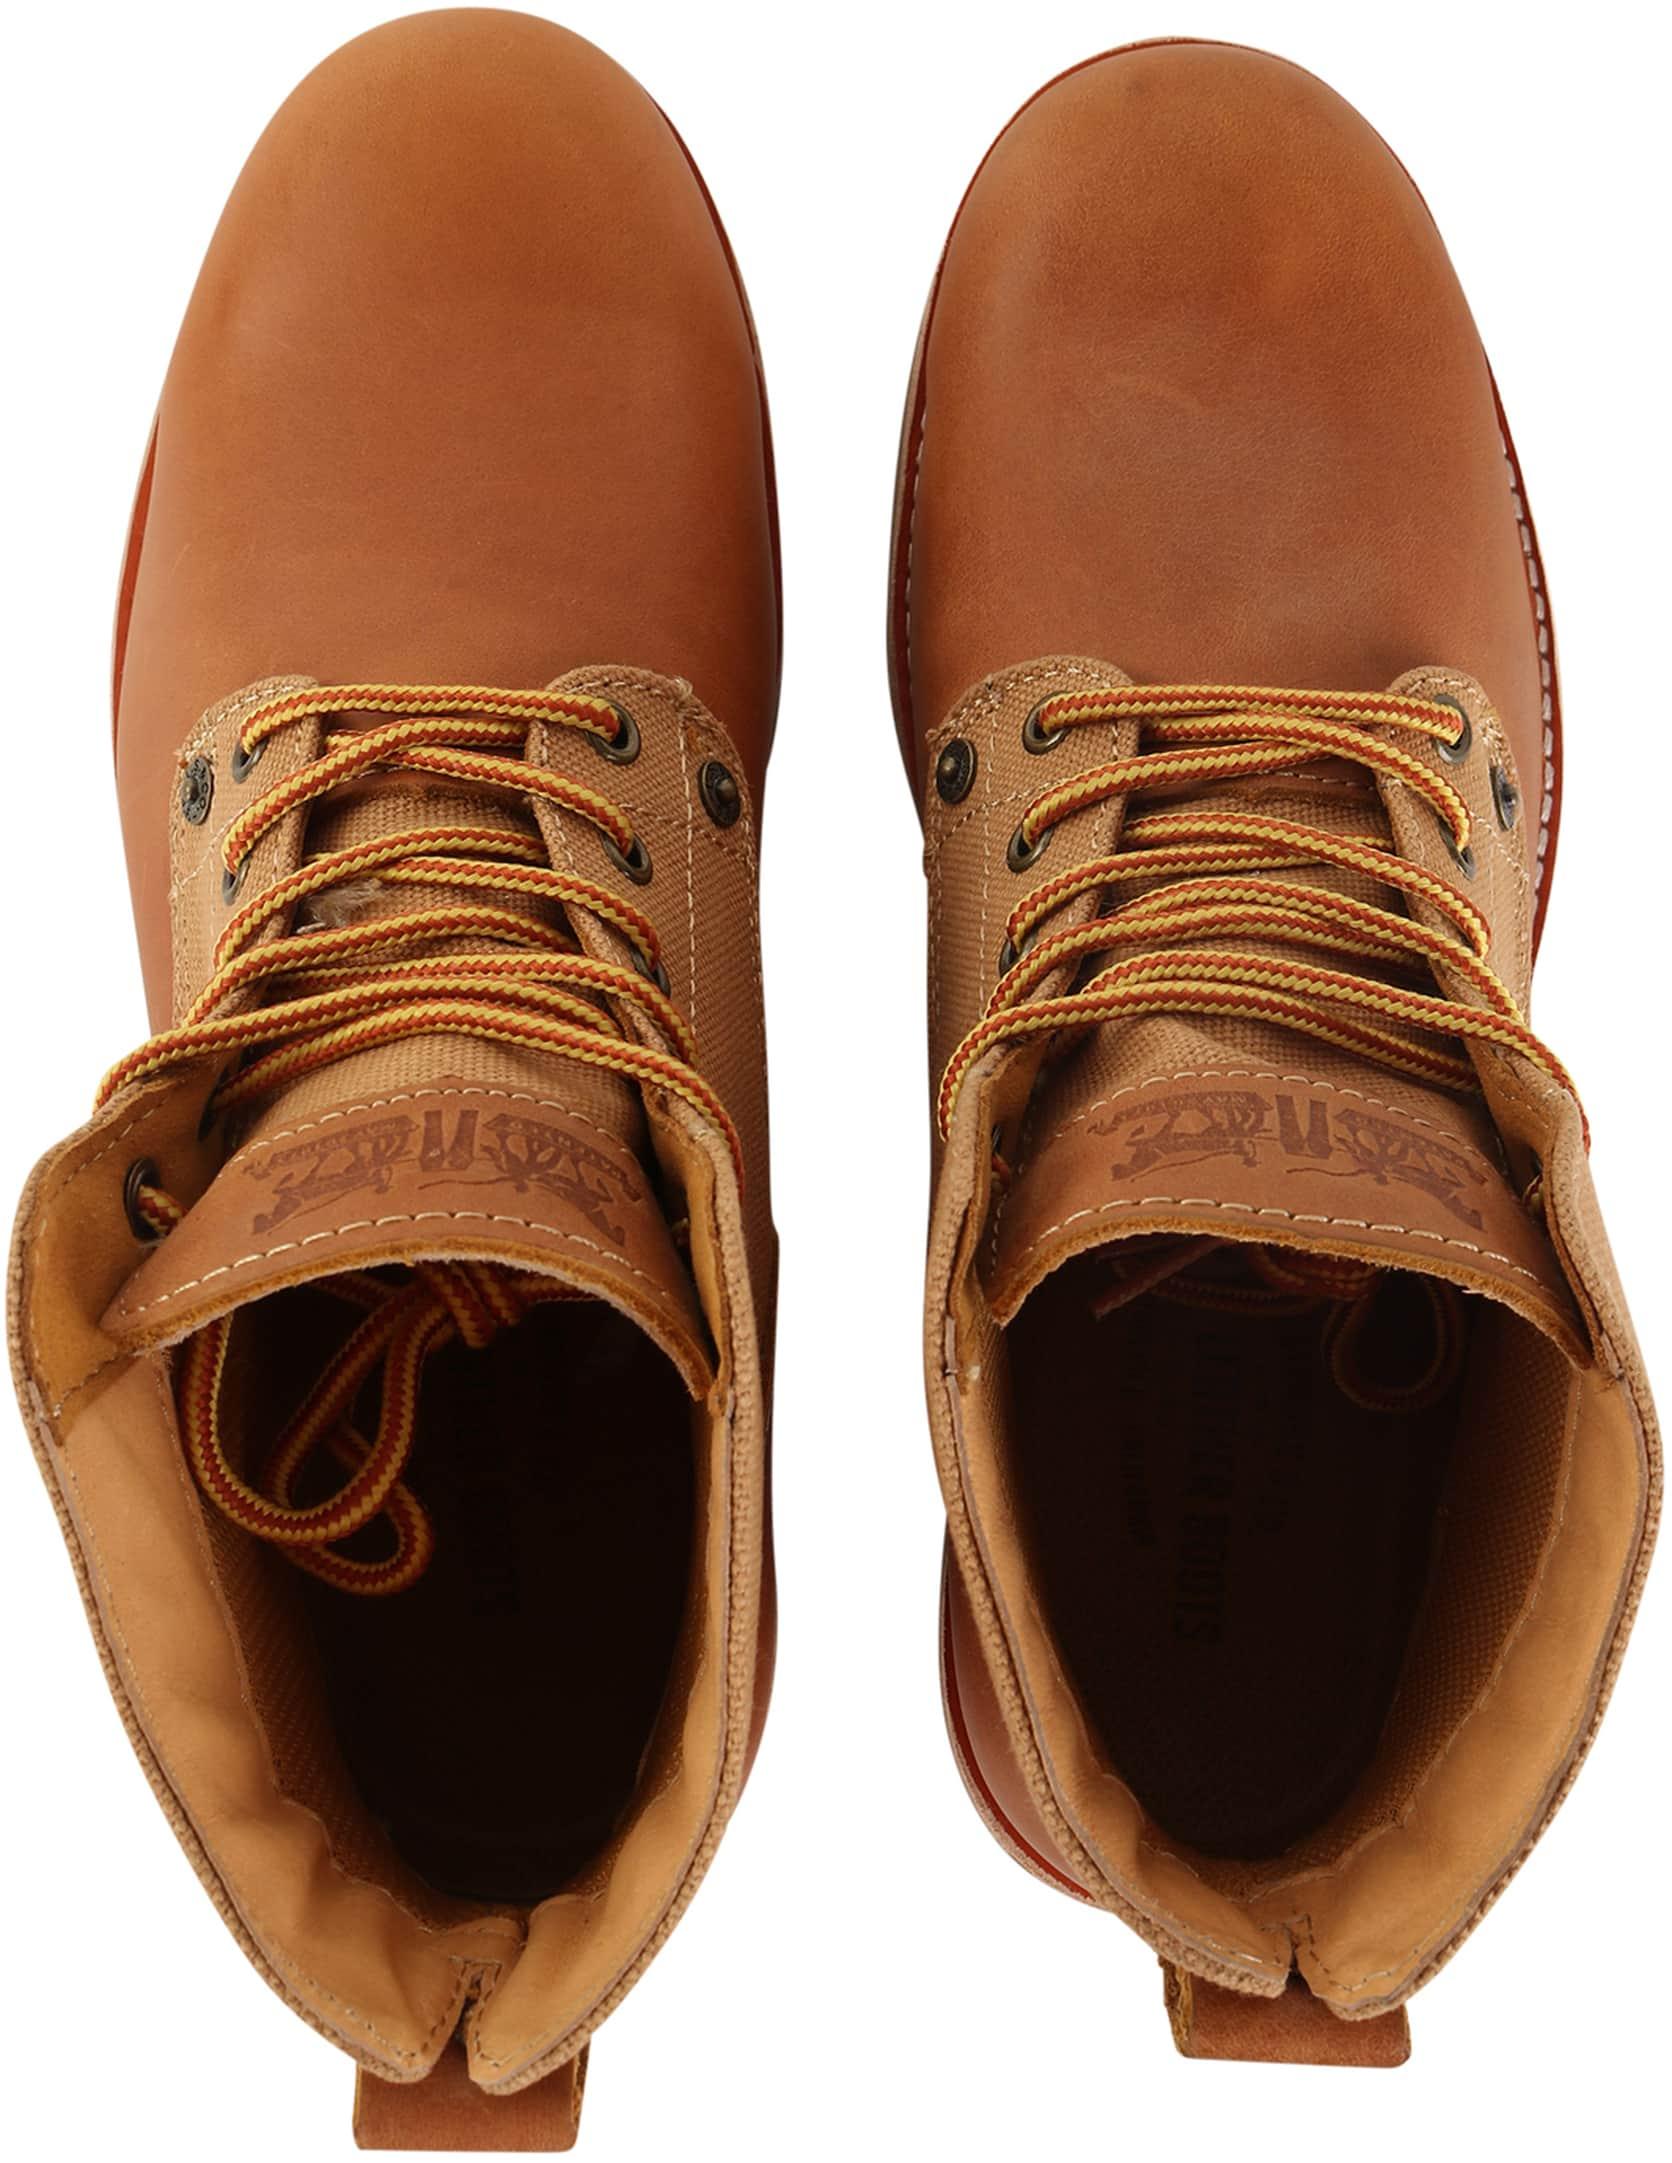 Levi's Jax Boots Cognac foto 3